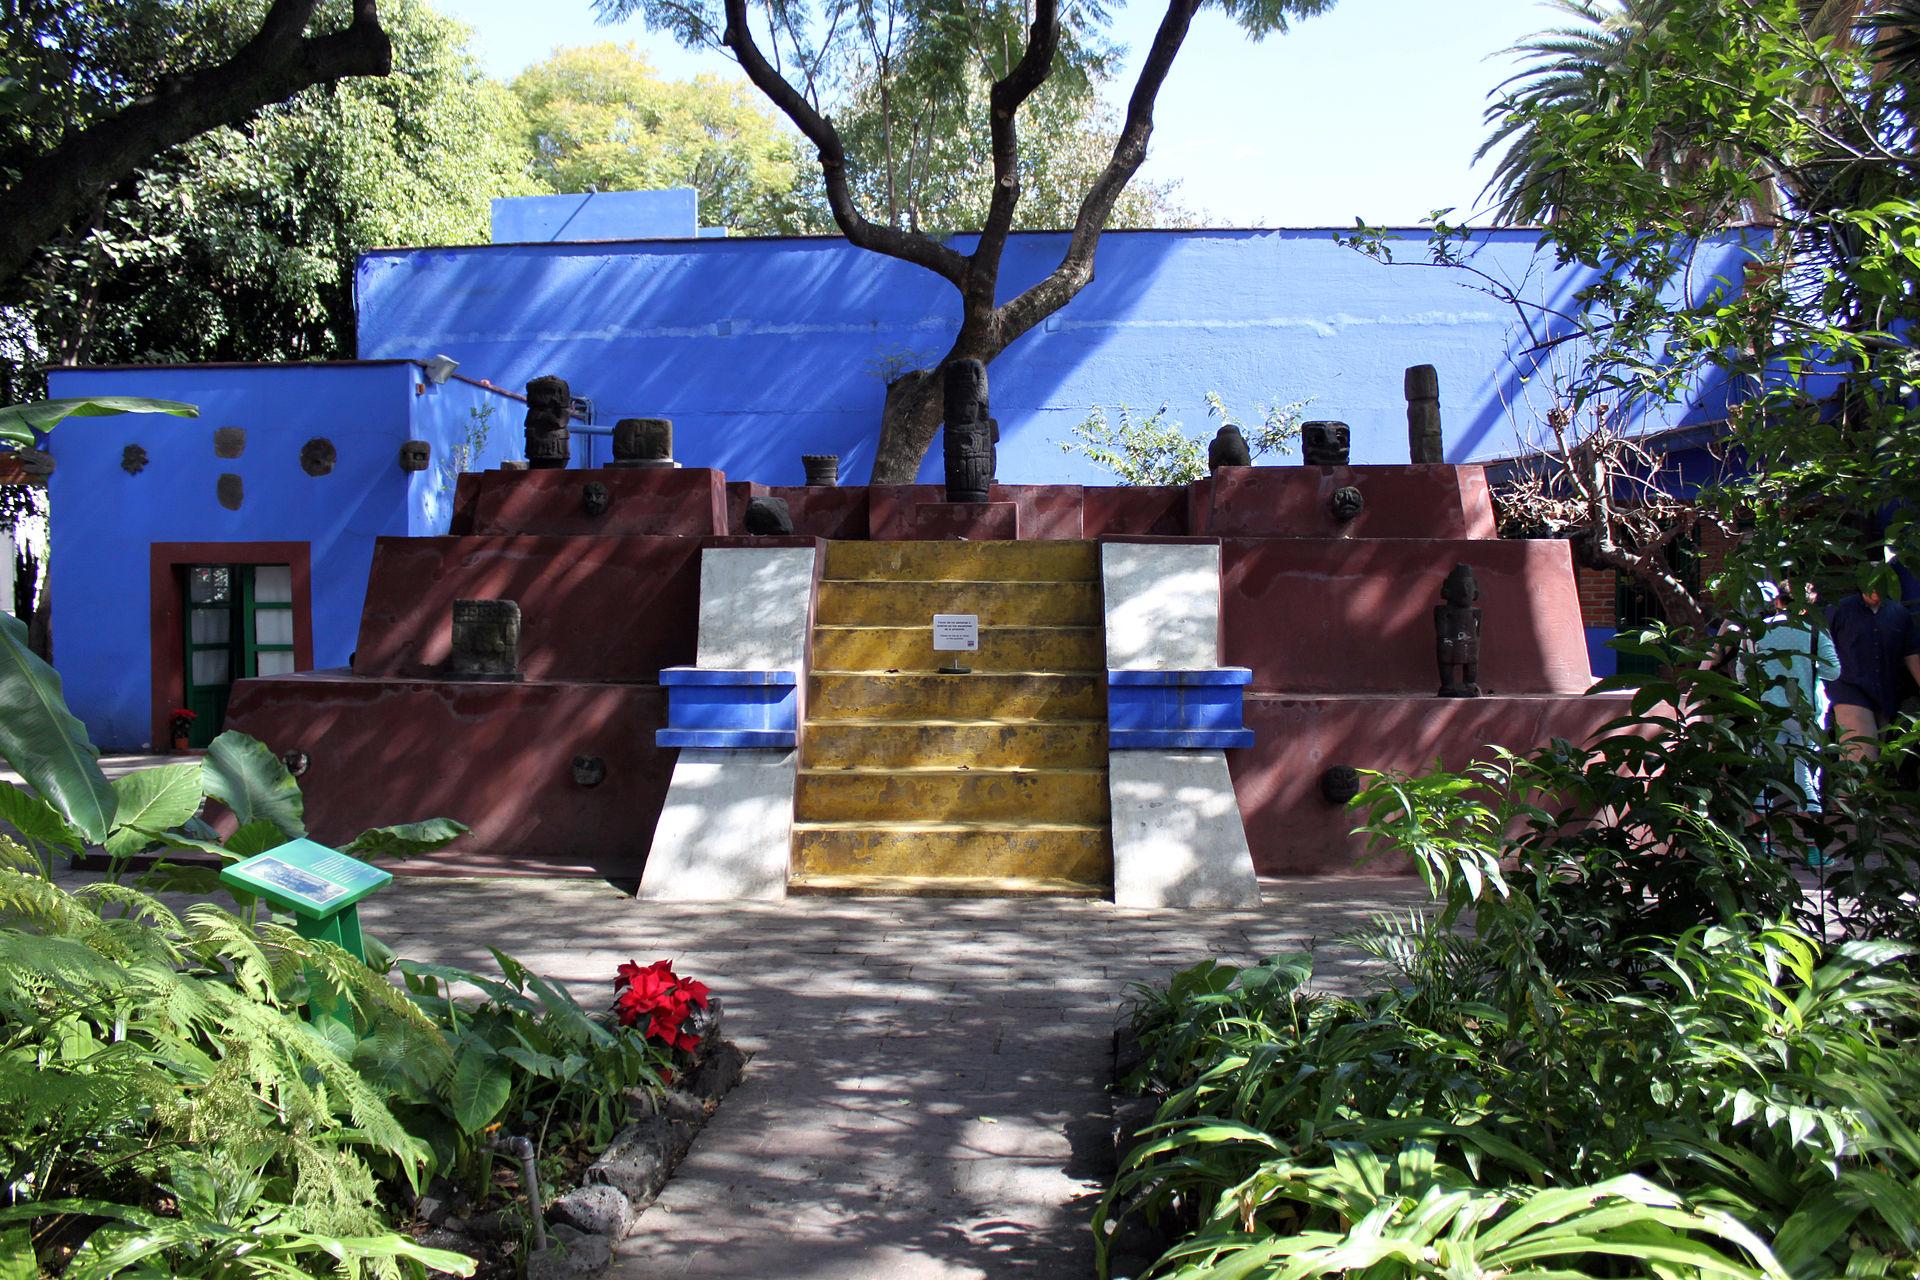 Frida Kahlo, Museum, Mexico City